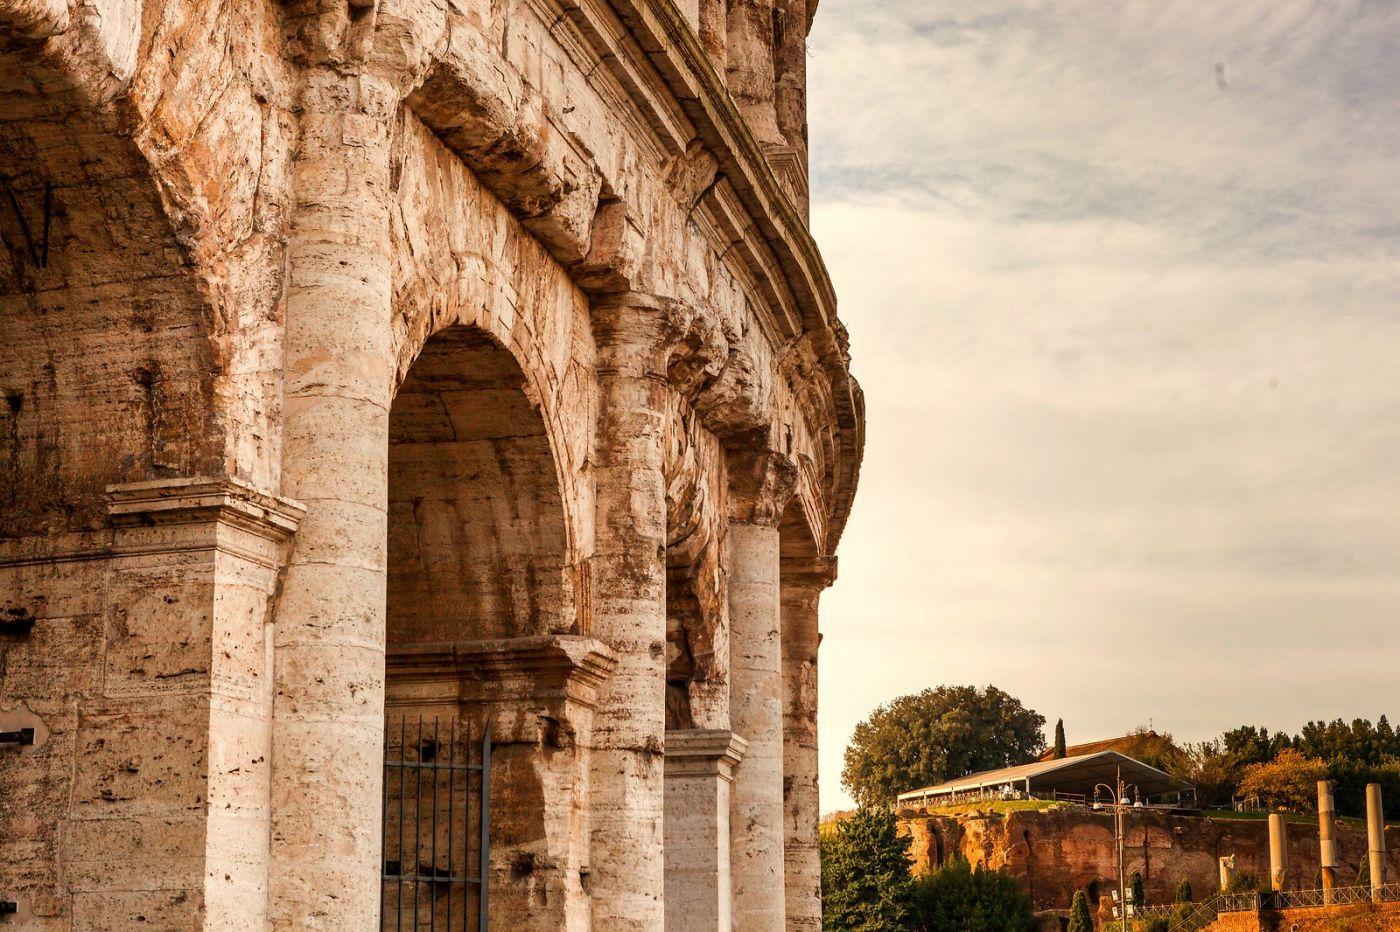 罗马斗兽场(Colosseum), 两千年的宏大建筑古迹_图1-6